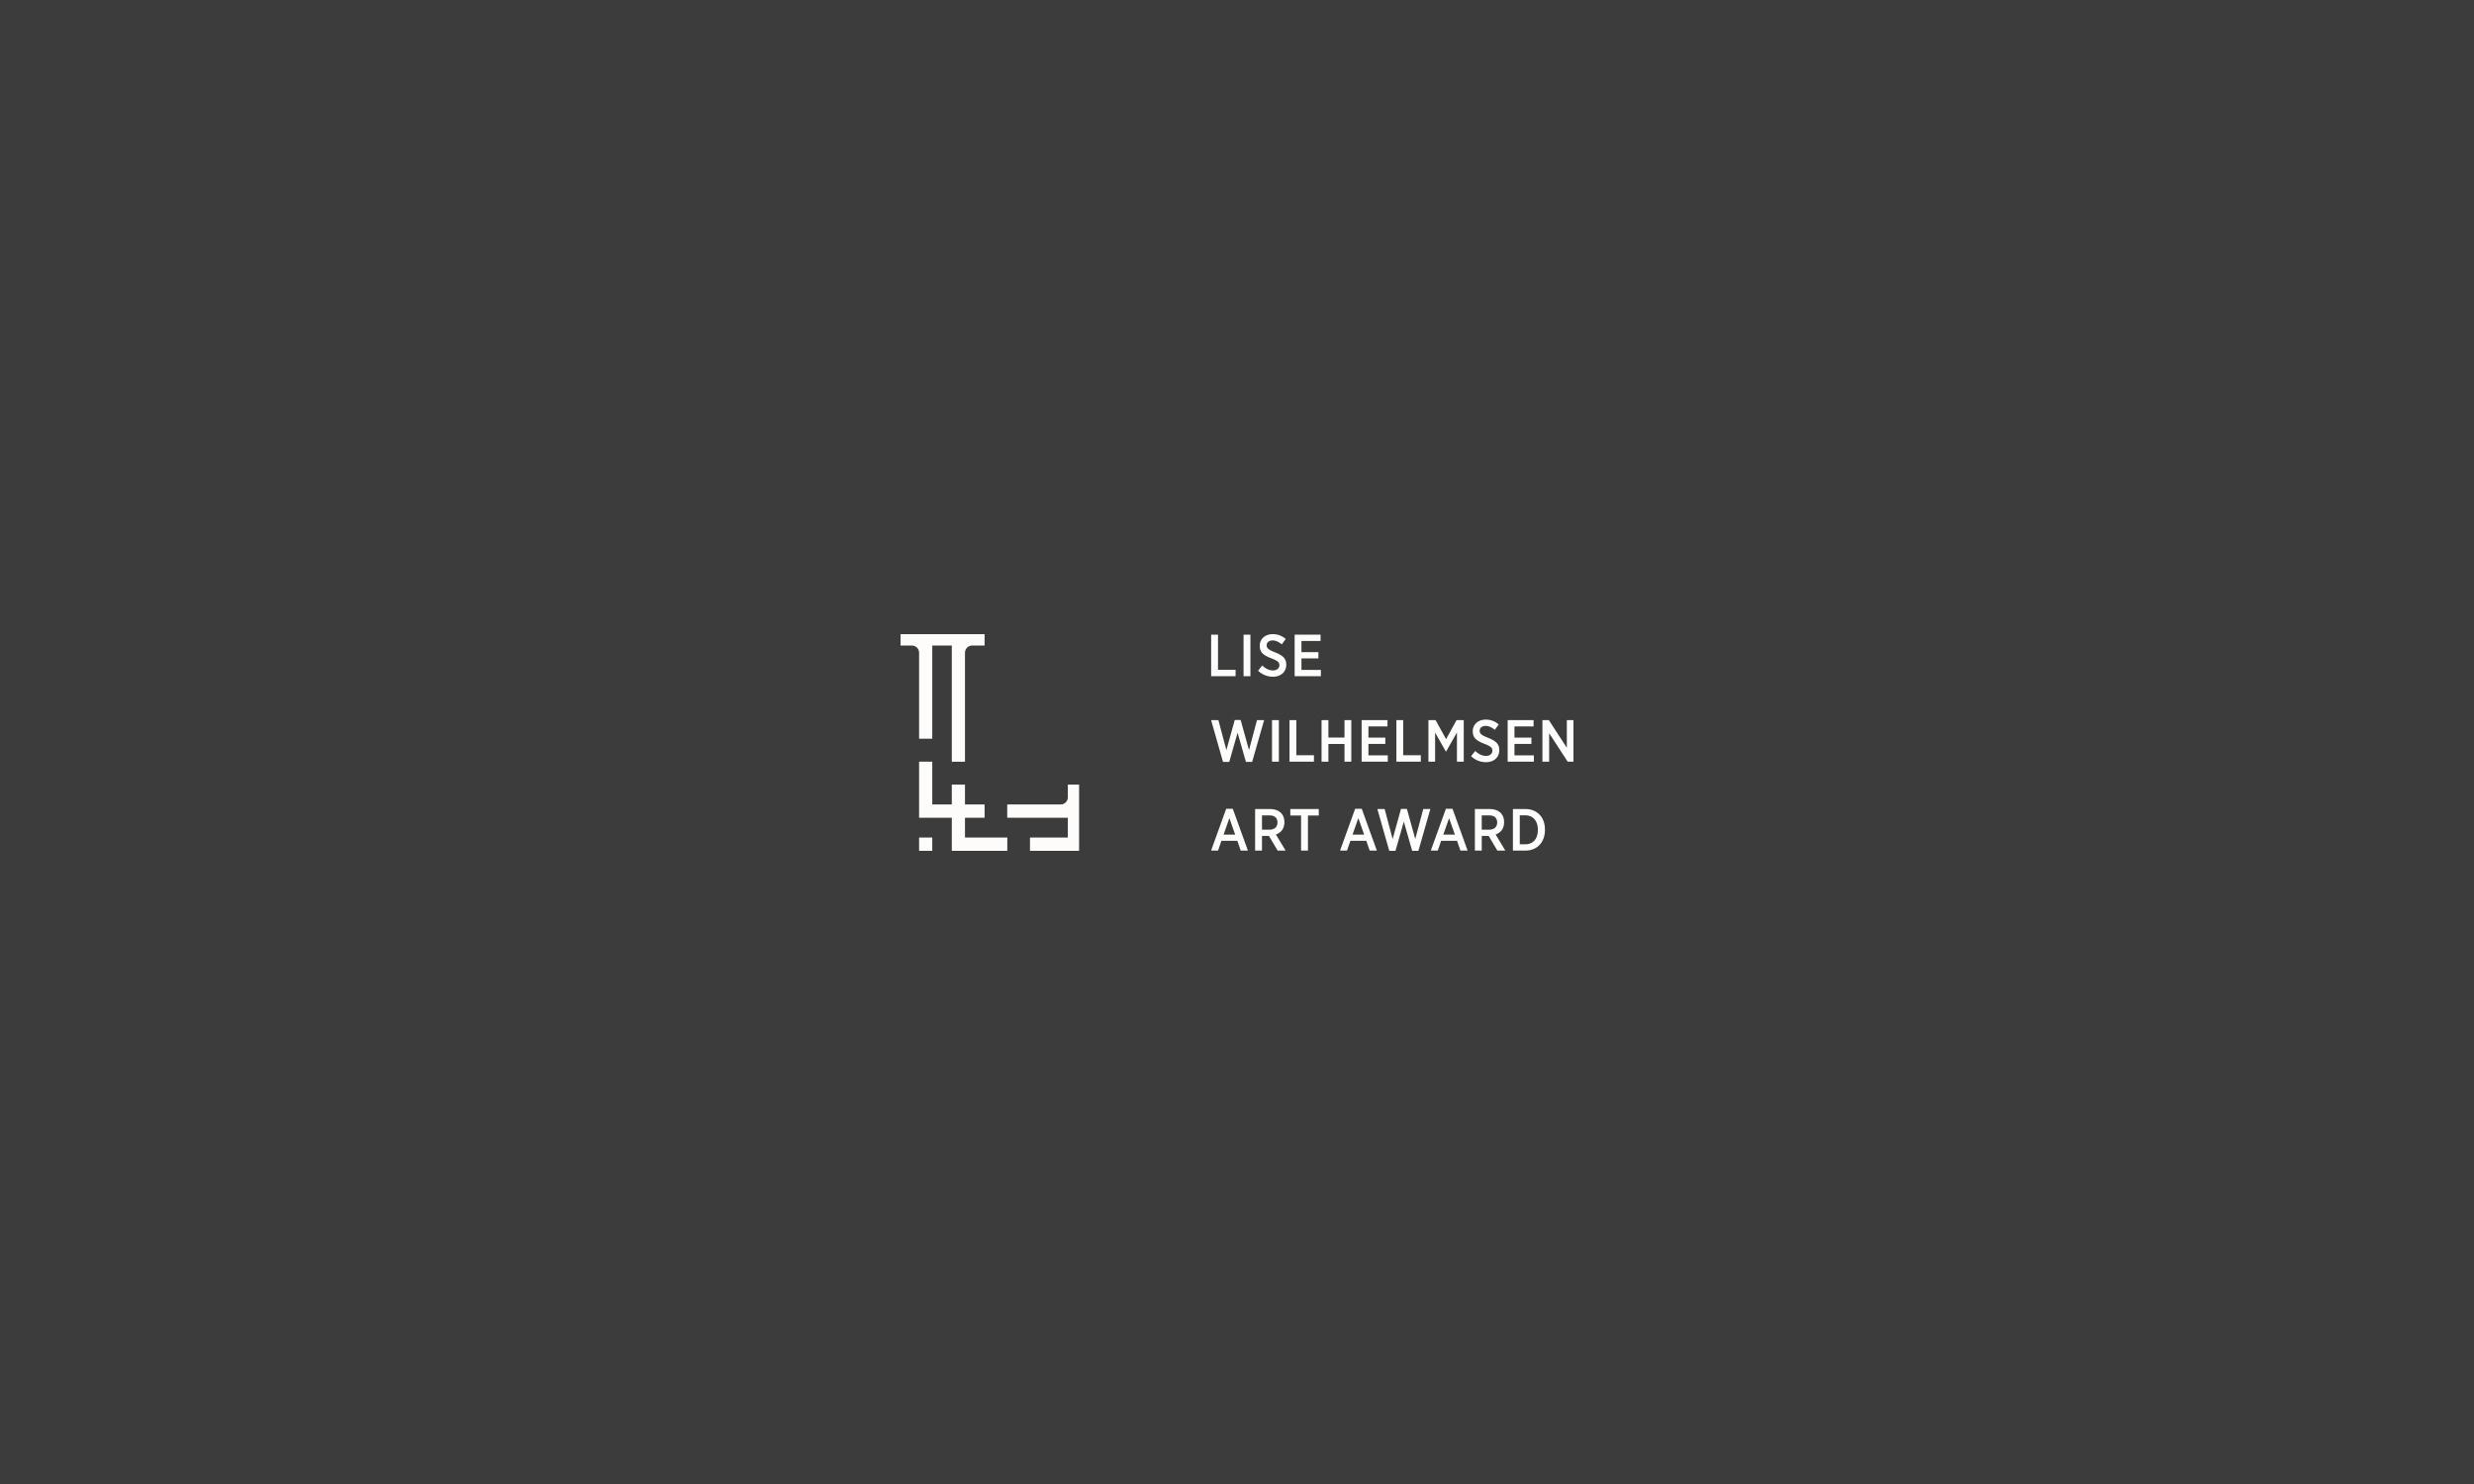 Lise Wilhelmsen Art Award light horizontal Logo, design by SBDS